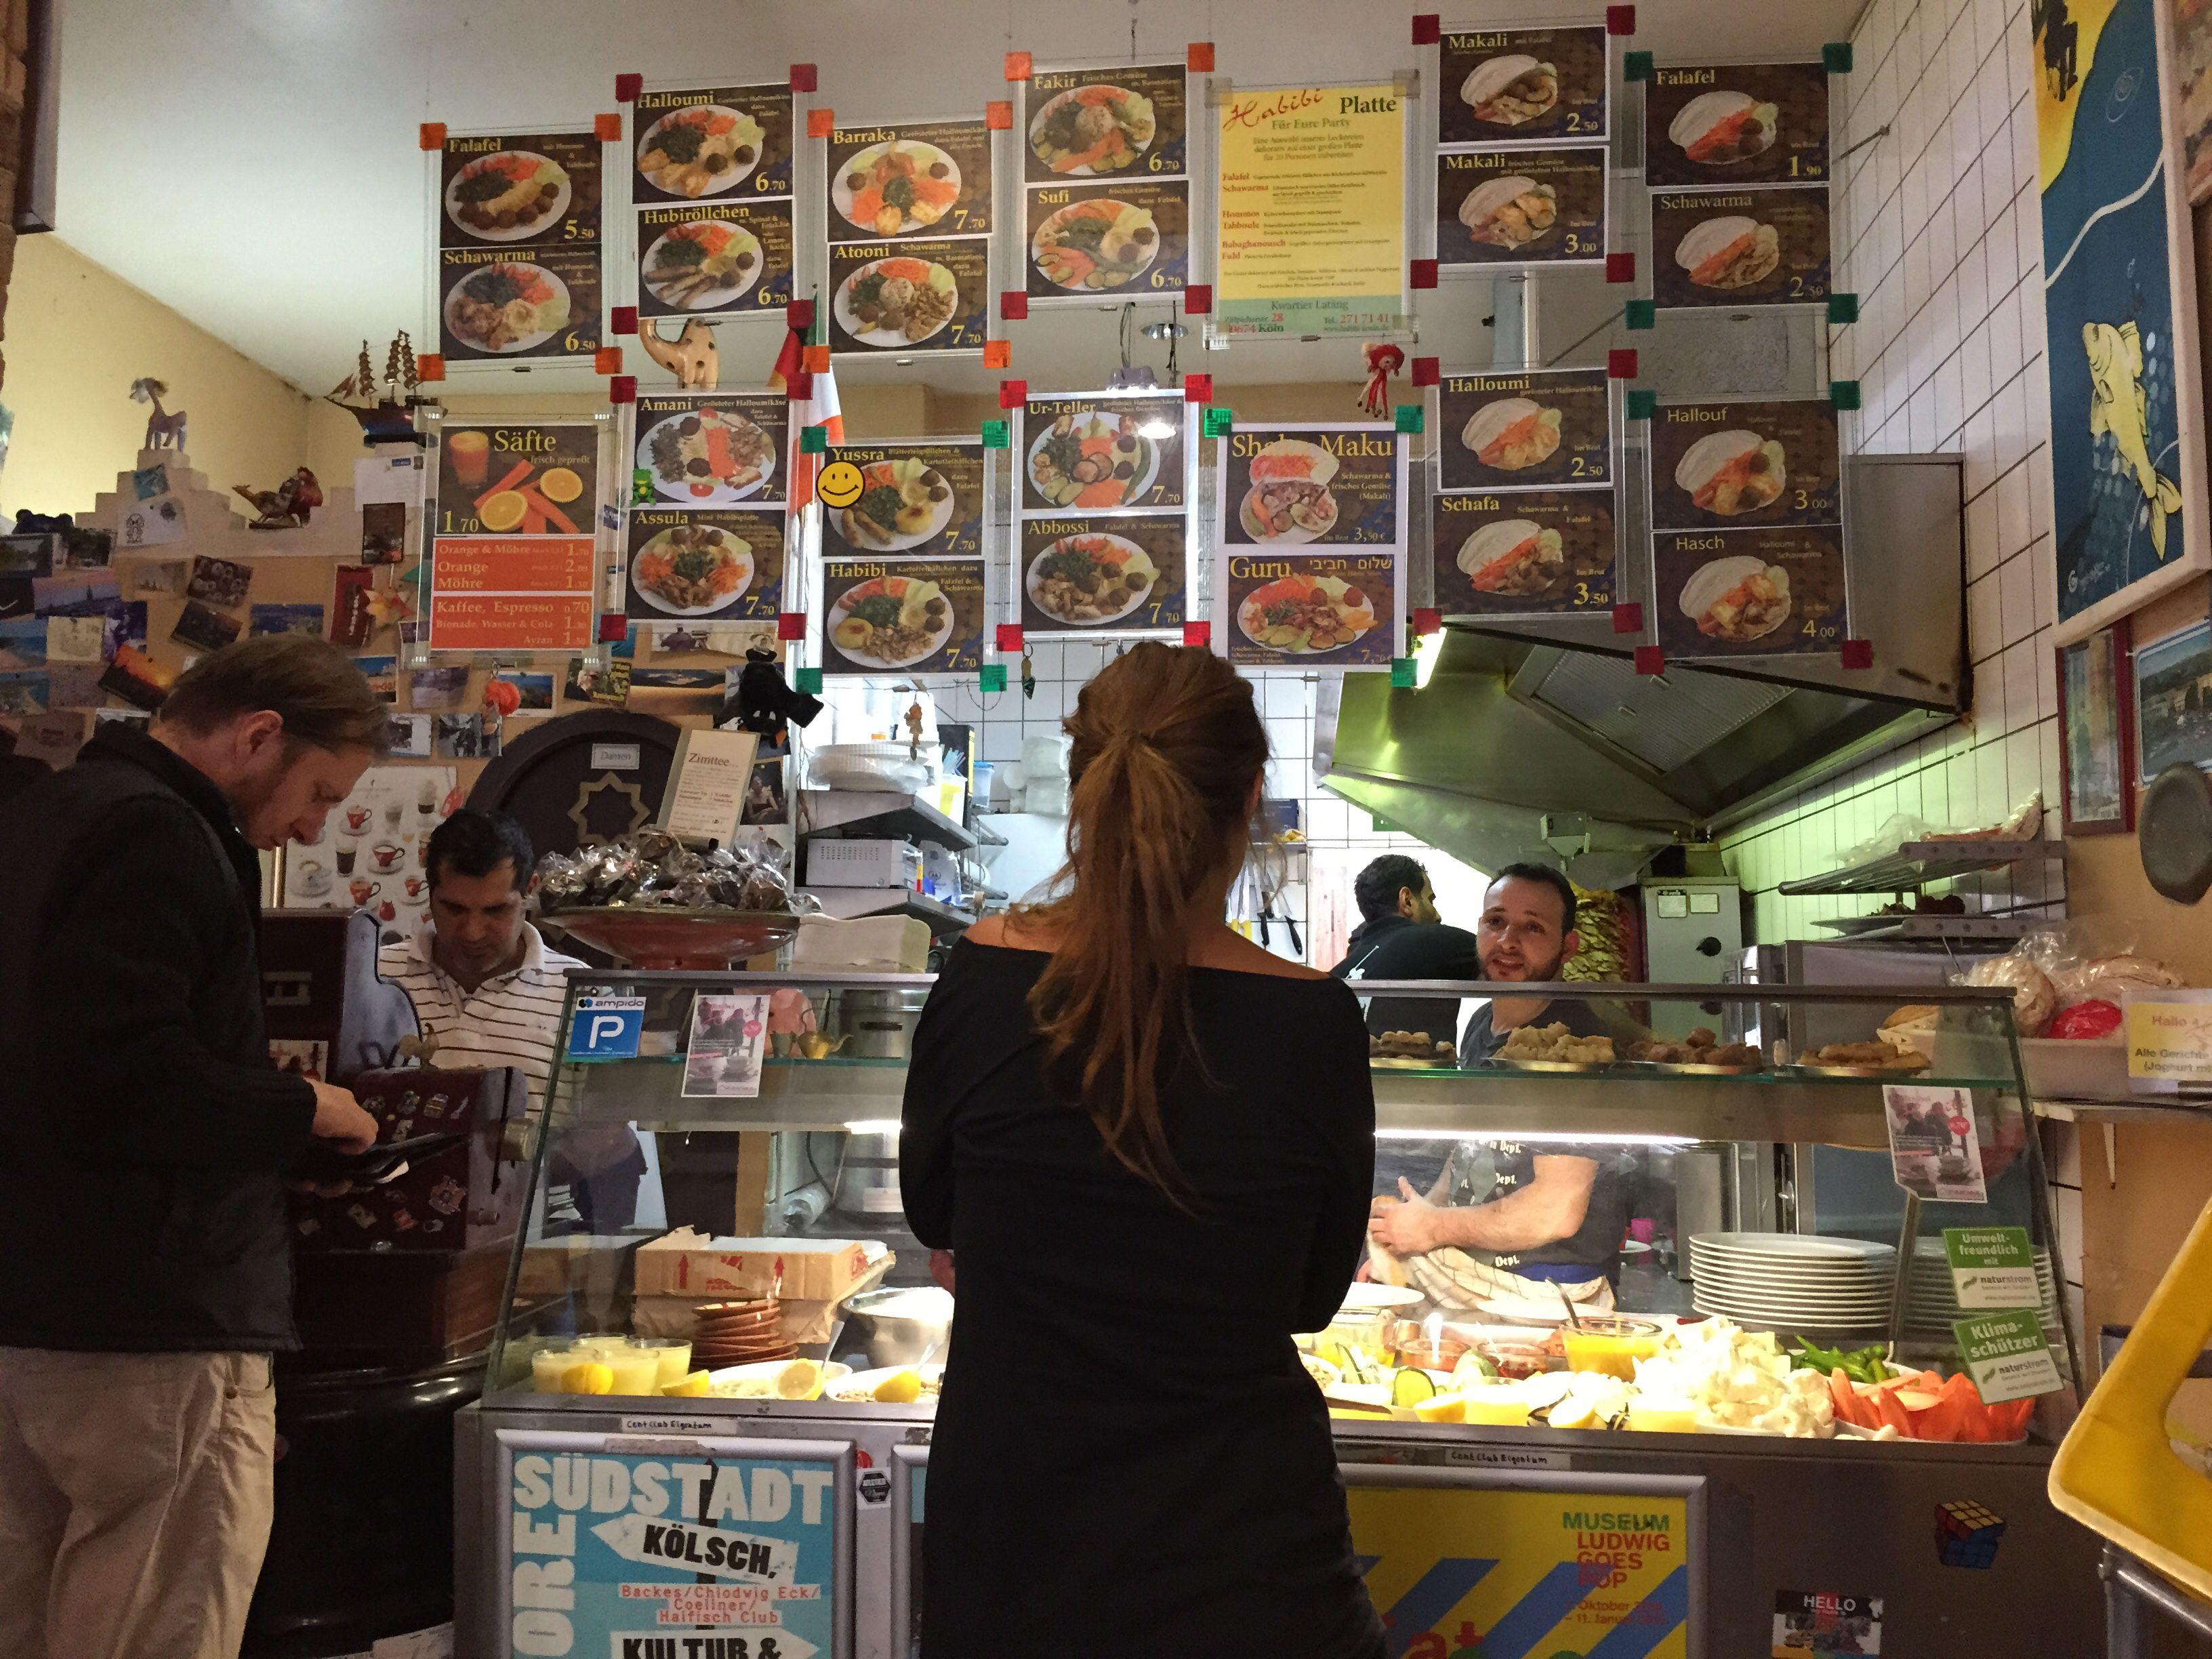 Libanesisches Restaurant Köln